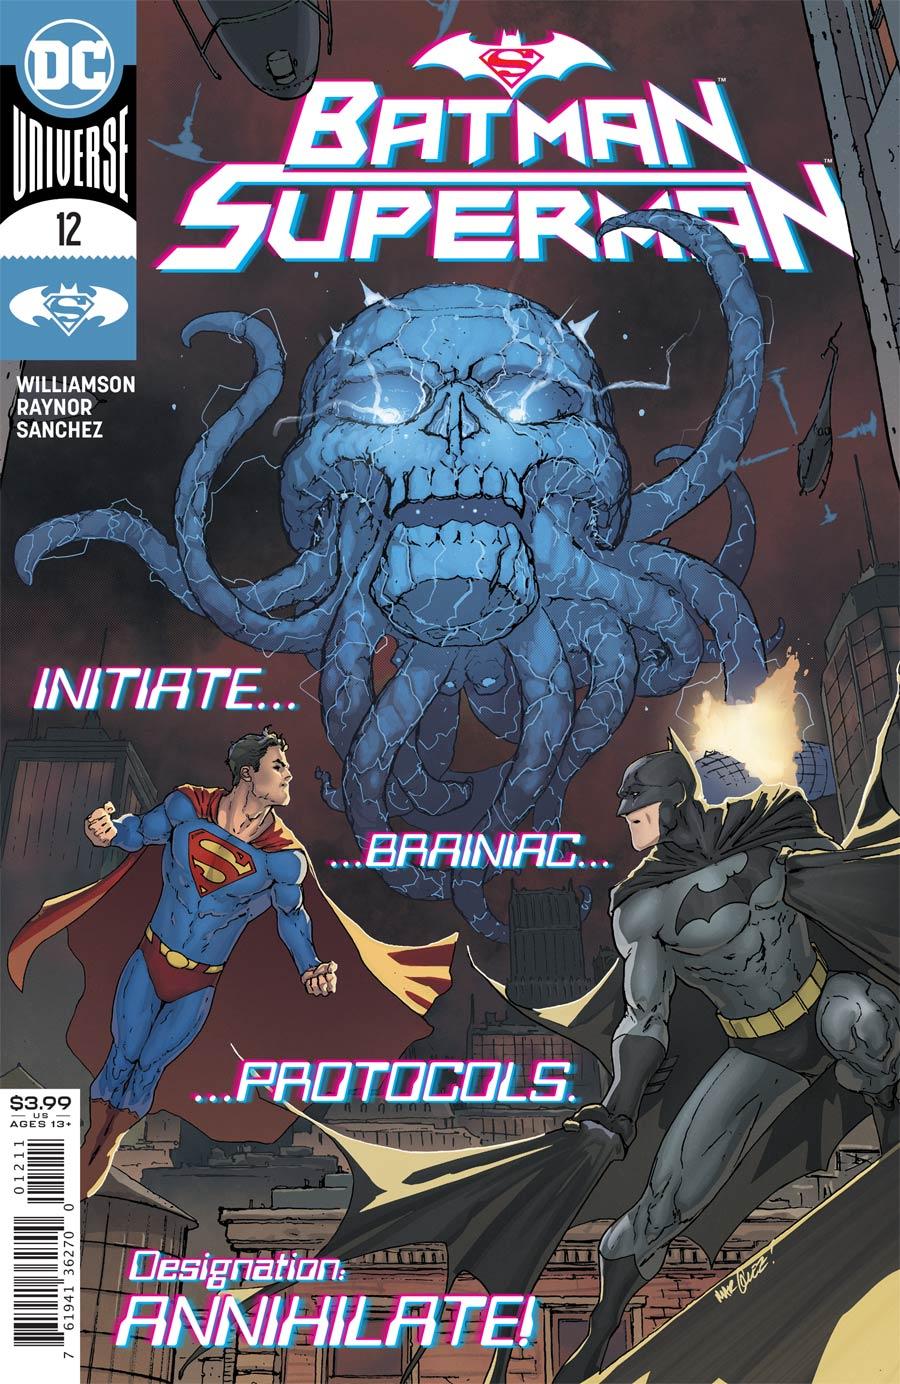 Batman Superman Vol 2 #12 Cover A Regular David Marquez Cover